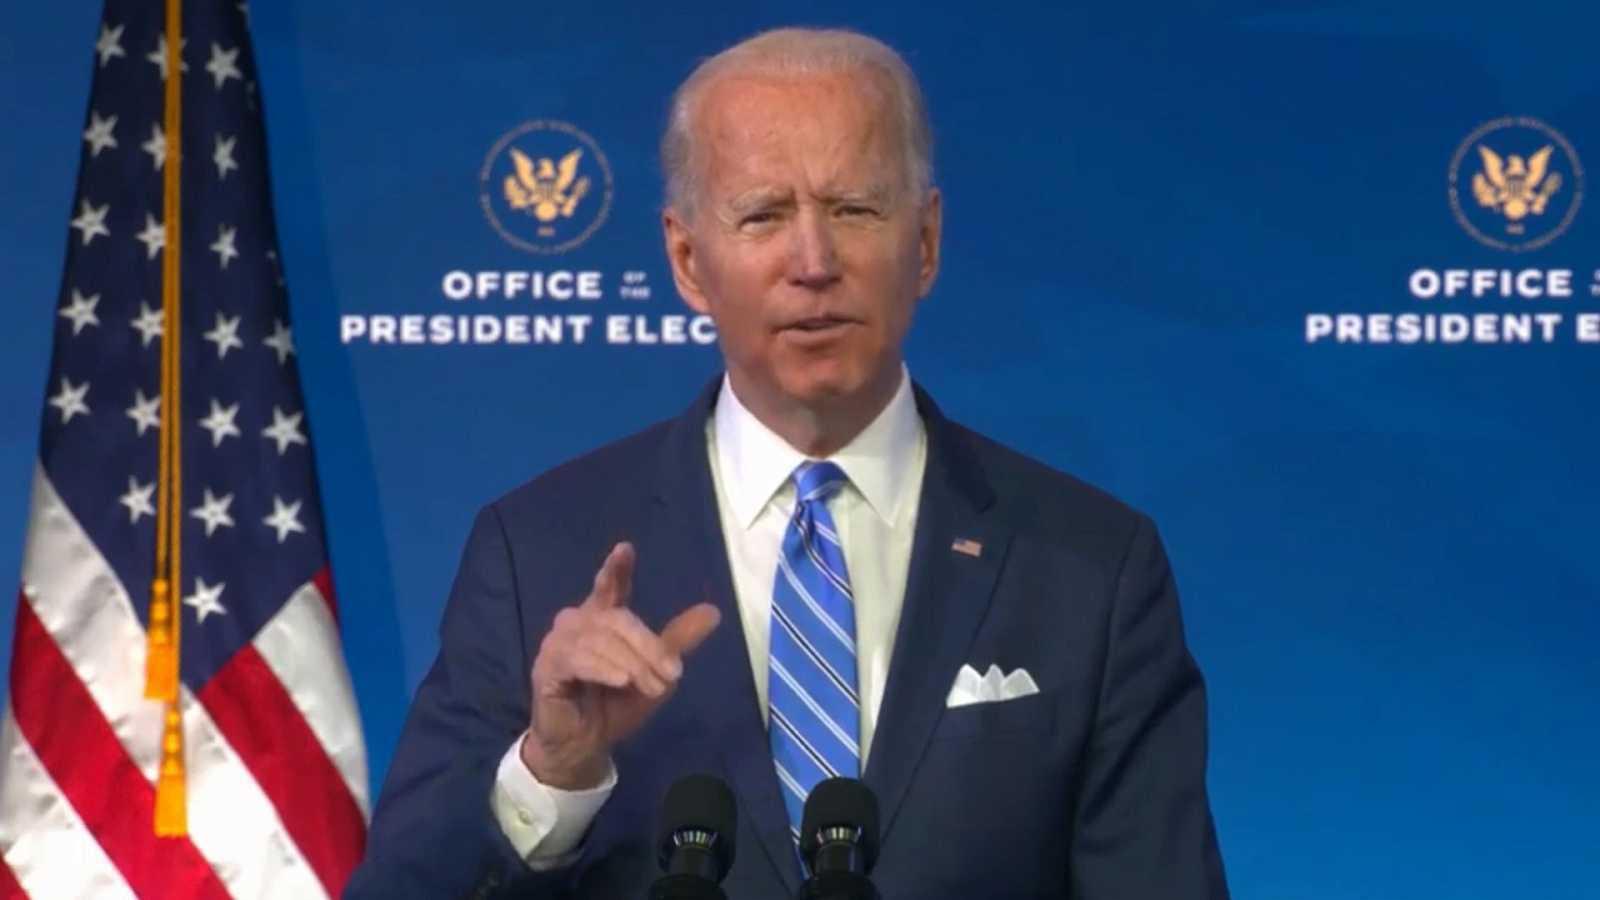 Biden presenta un plan de estímulo de 1,9 billones de dólares para reflotar la economía y frenar el impacto de la pandemia